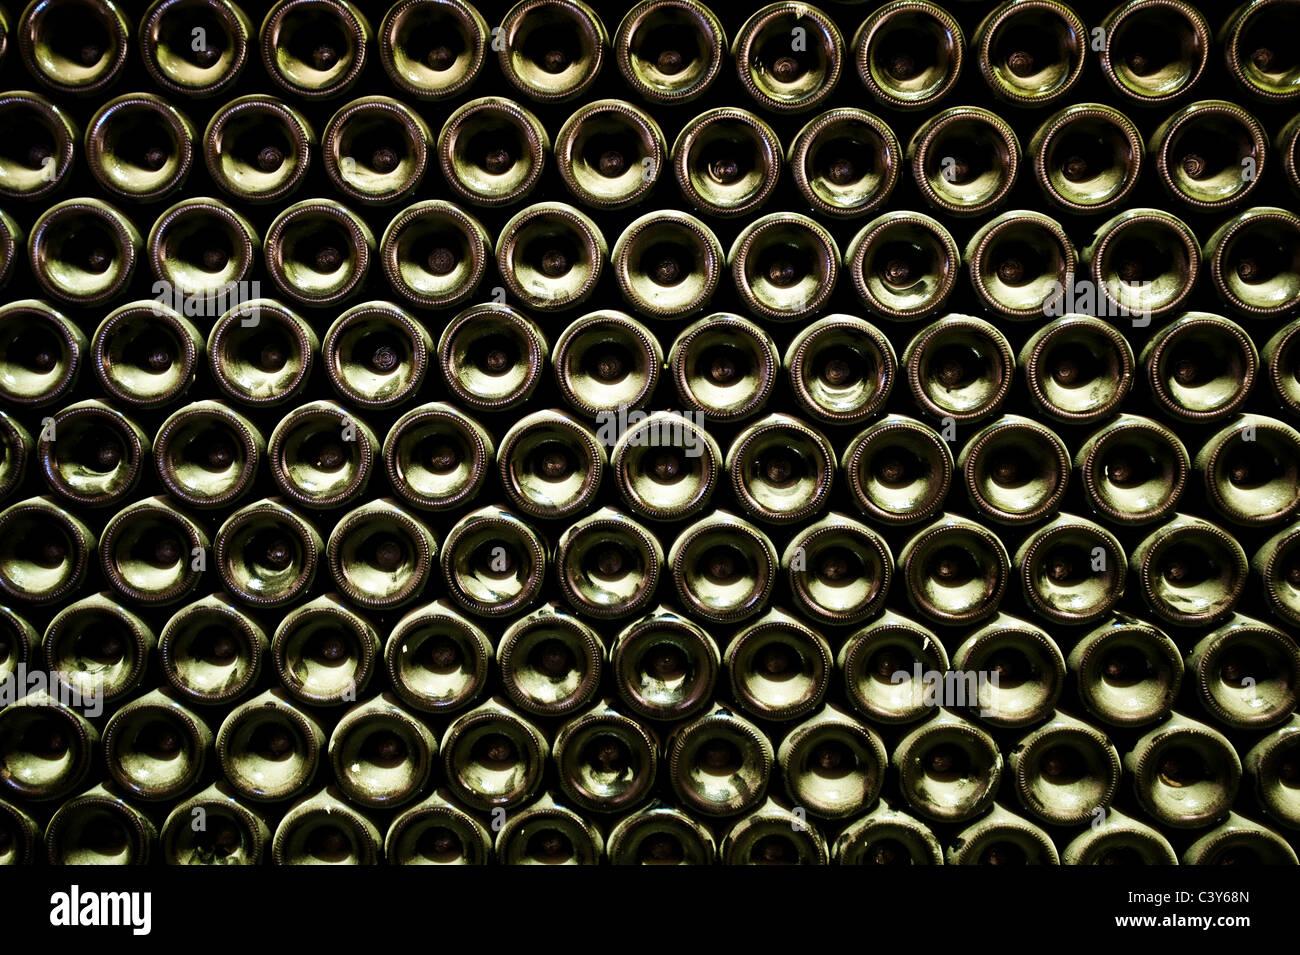 Stack of wine bottles, full frame - Stock Image